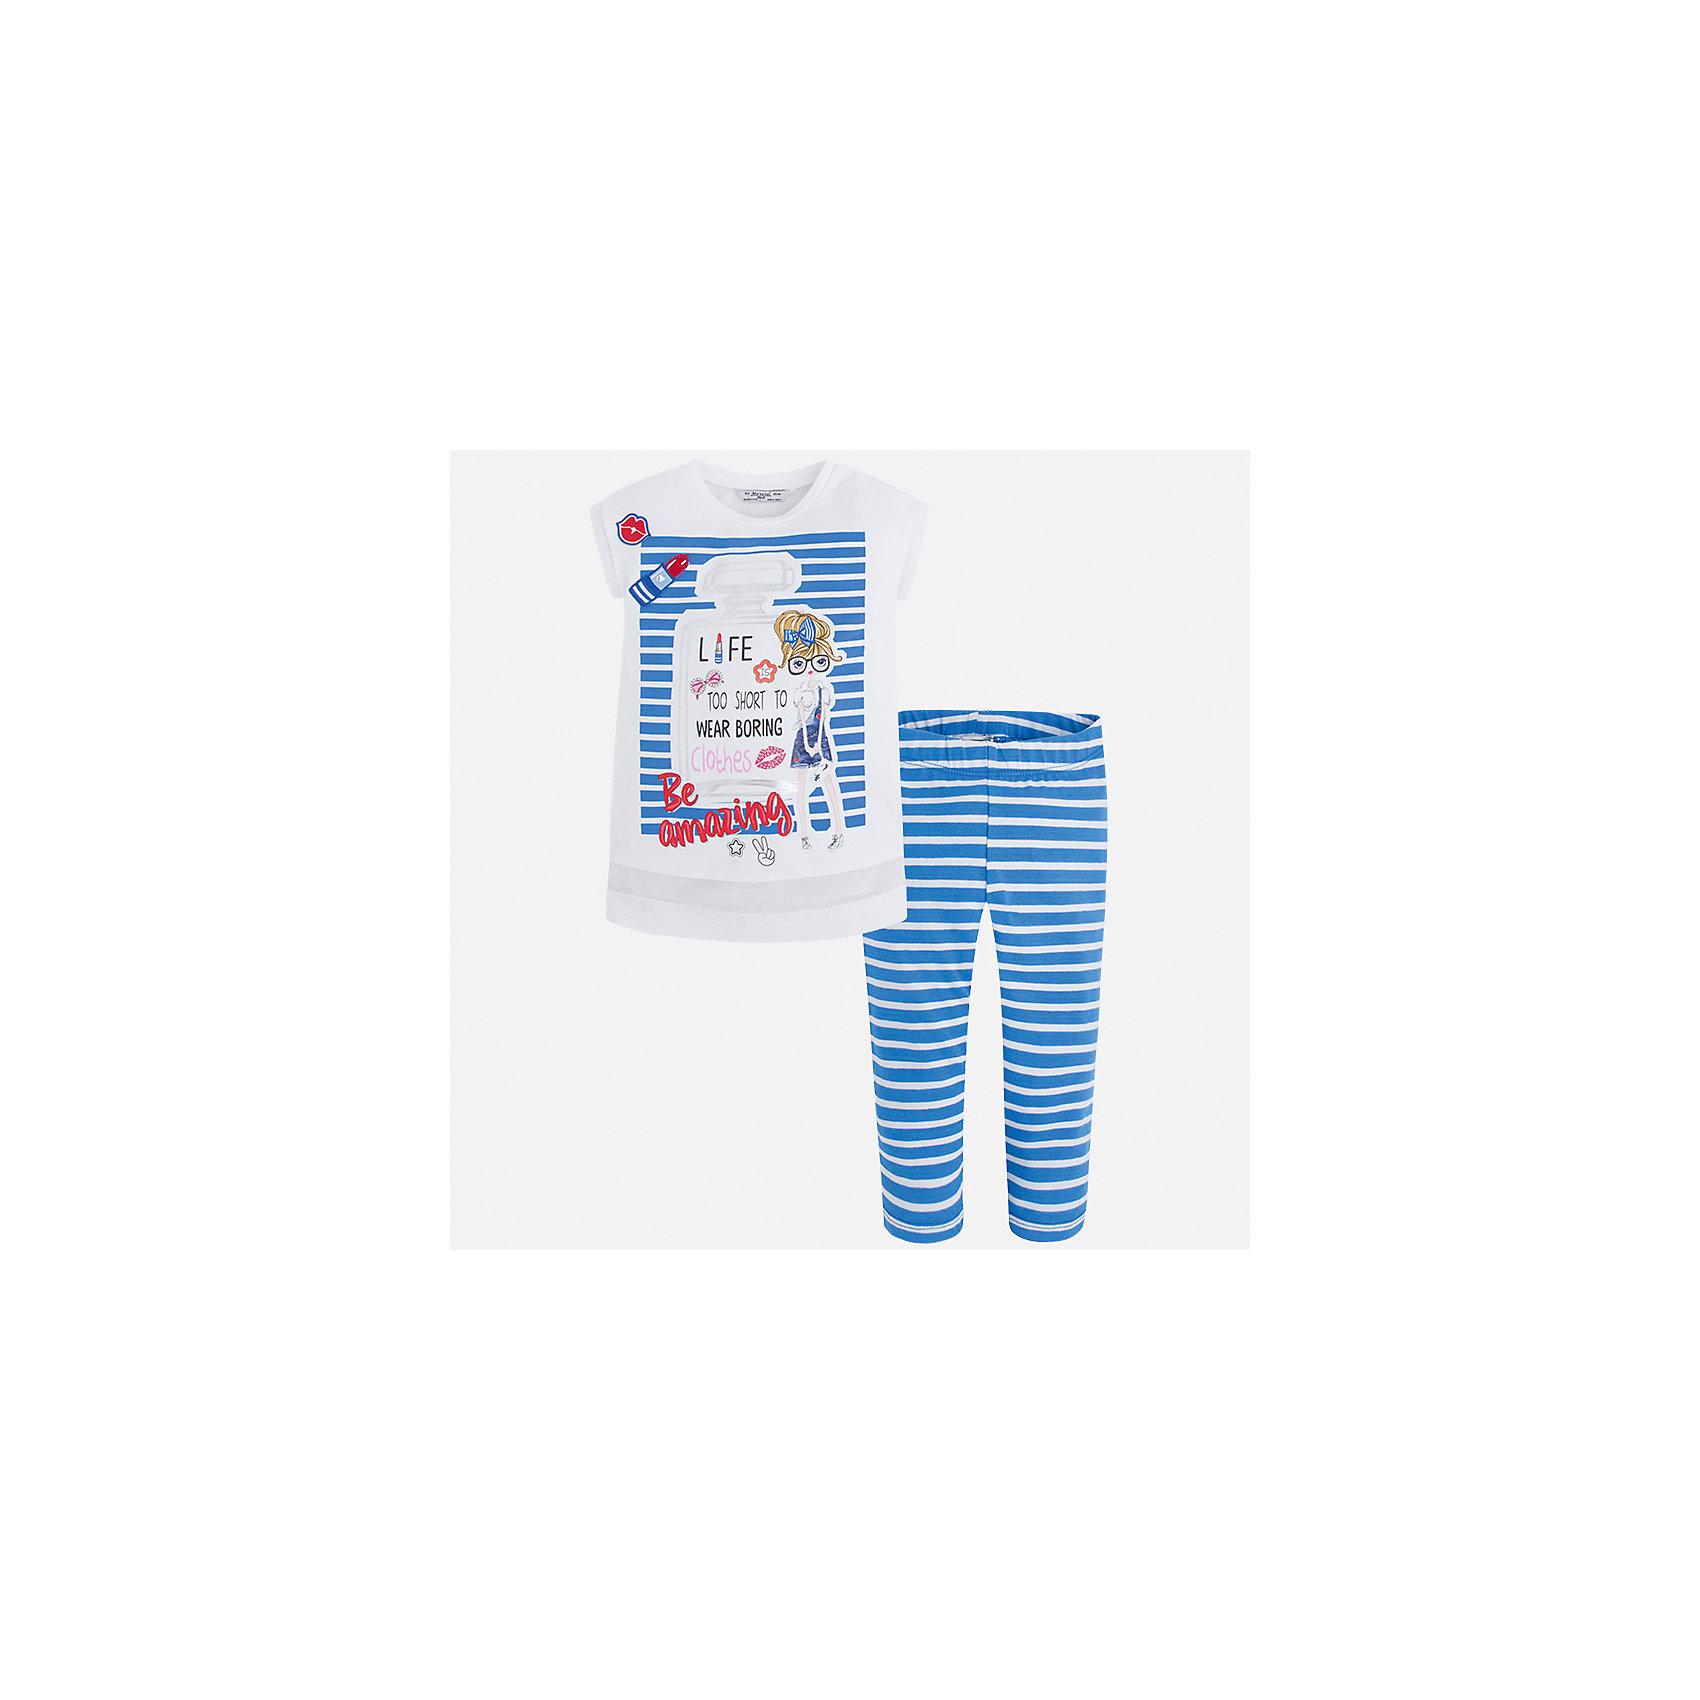 Комплект: футболка с длинным рукавом и леггинсы для девочки MayoralКомплекты<br>Характеристики товара:<br><br>• цвет: голубой/белый<br>• состав: 95% хлопок, 5% эластан<br>• комплектация: футболка, леггинсы<br>• футболка декорирована принтом <br>• леггинсы в полоску<br>• пояс на резинке<br>• страна бренда: Испания<br><br>Красивый качественный комплект для девочки поможет разнообразить гардероб ребенка и удобно одеться в теплую погоду. Он отлично сочетается с другими предметами. Универсальный цвет позволяет подобрать к вещам верхнюю одежду практически любой расцветки. Интересная отделка модели делает её нарядной и оригинальной. В составе материала - натуральный хлопок, гипоаллергенный, приятный на ощупь, дышащий.<br><br>Одежда, обувь и аксессуары от испанского бренда Mayoral полюбились детям и взрослым по всему миру. Модели этой марки - стильные и удобные. Для их производства используются только безопасные, качественные материалы и фурнитура. Порадуйте ребенка модными и красивыми вещами от Mayoral! <br><br>Комплект для девочки от испанского бренда Mayoral (Майорал) можно купить в нашем интернет-магазине.<br><br>Ширина мм: 123<br>Глубина мм: 10<br>Высота мм: 149<br>Вес г: 209<br>Цвет: синий<br>Возраст от месяцев: 84<br>Возраст до месяцев: 96<br>Пол: Женский<br>Возраст: Детский<br>Размер: 122,128,134,92,98,104,110,116<br>SKU: 5300533